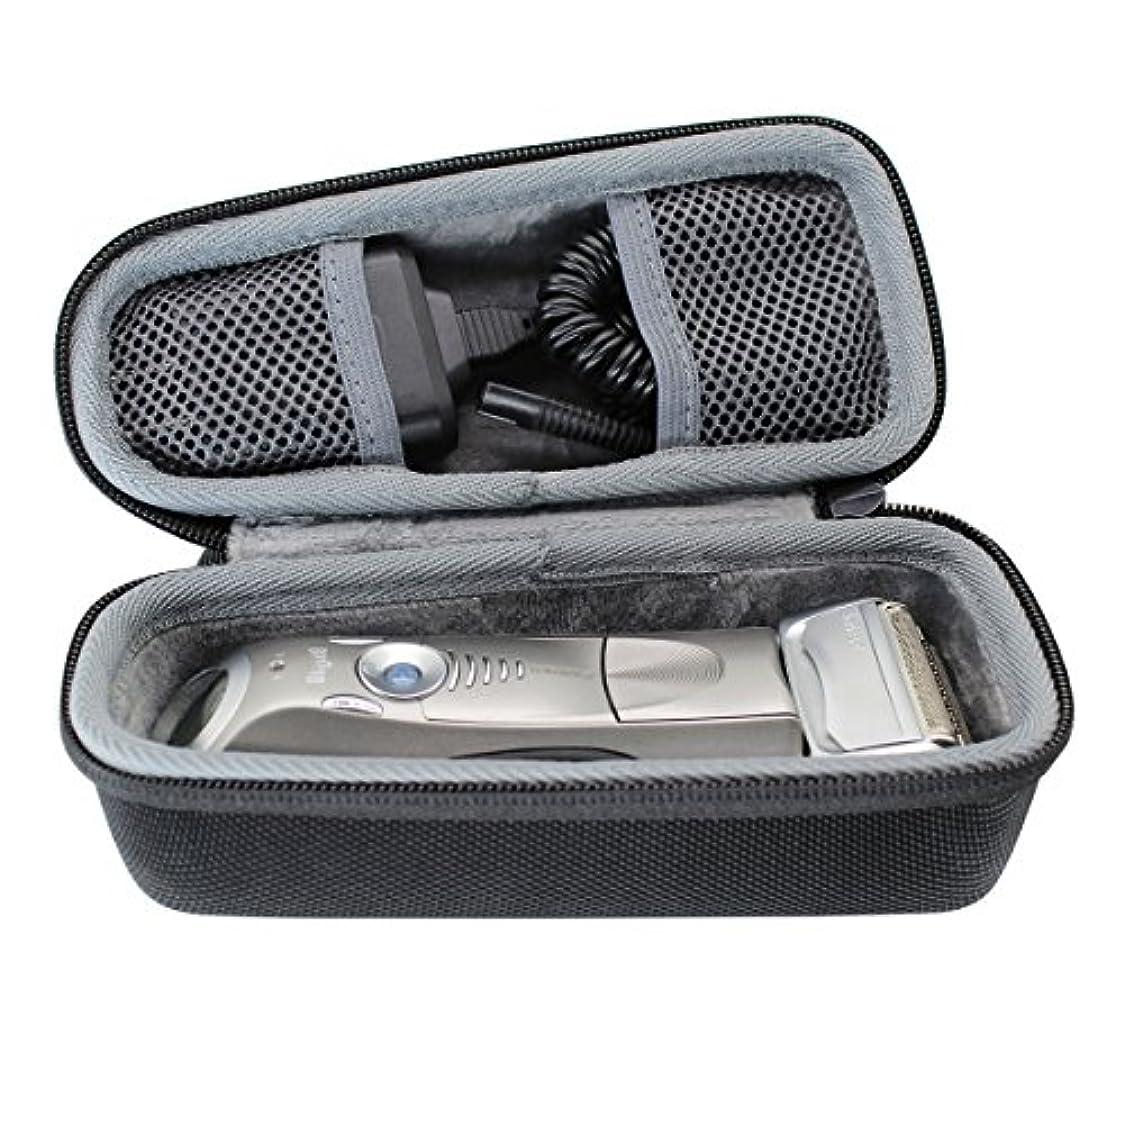 テクスチャーに対応する静かにハードポータブル旅行用ケースブラウン シリーズ5 7 9 メンズ電気シェーバー 5030s 5040s 790cc 9095cc 9292cc-VIVENS